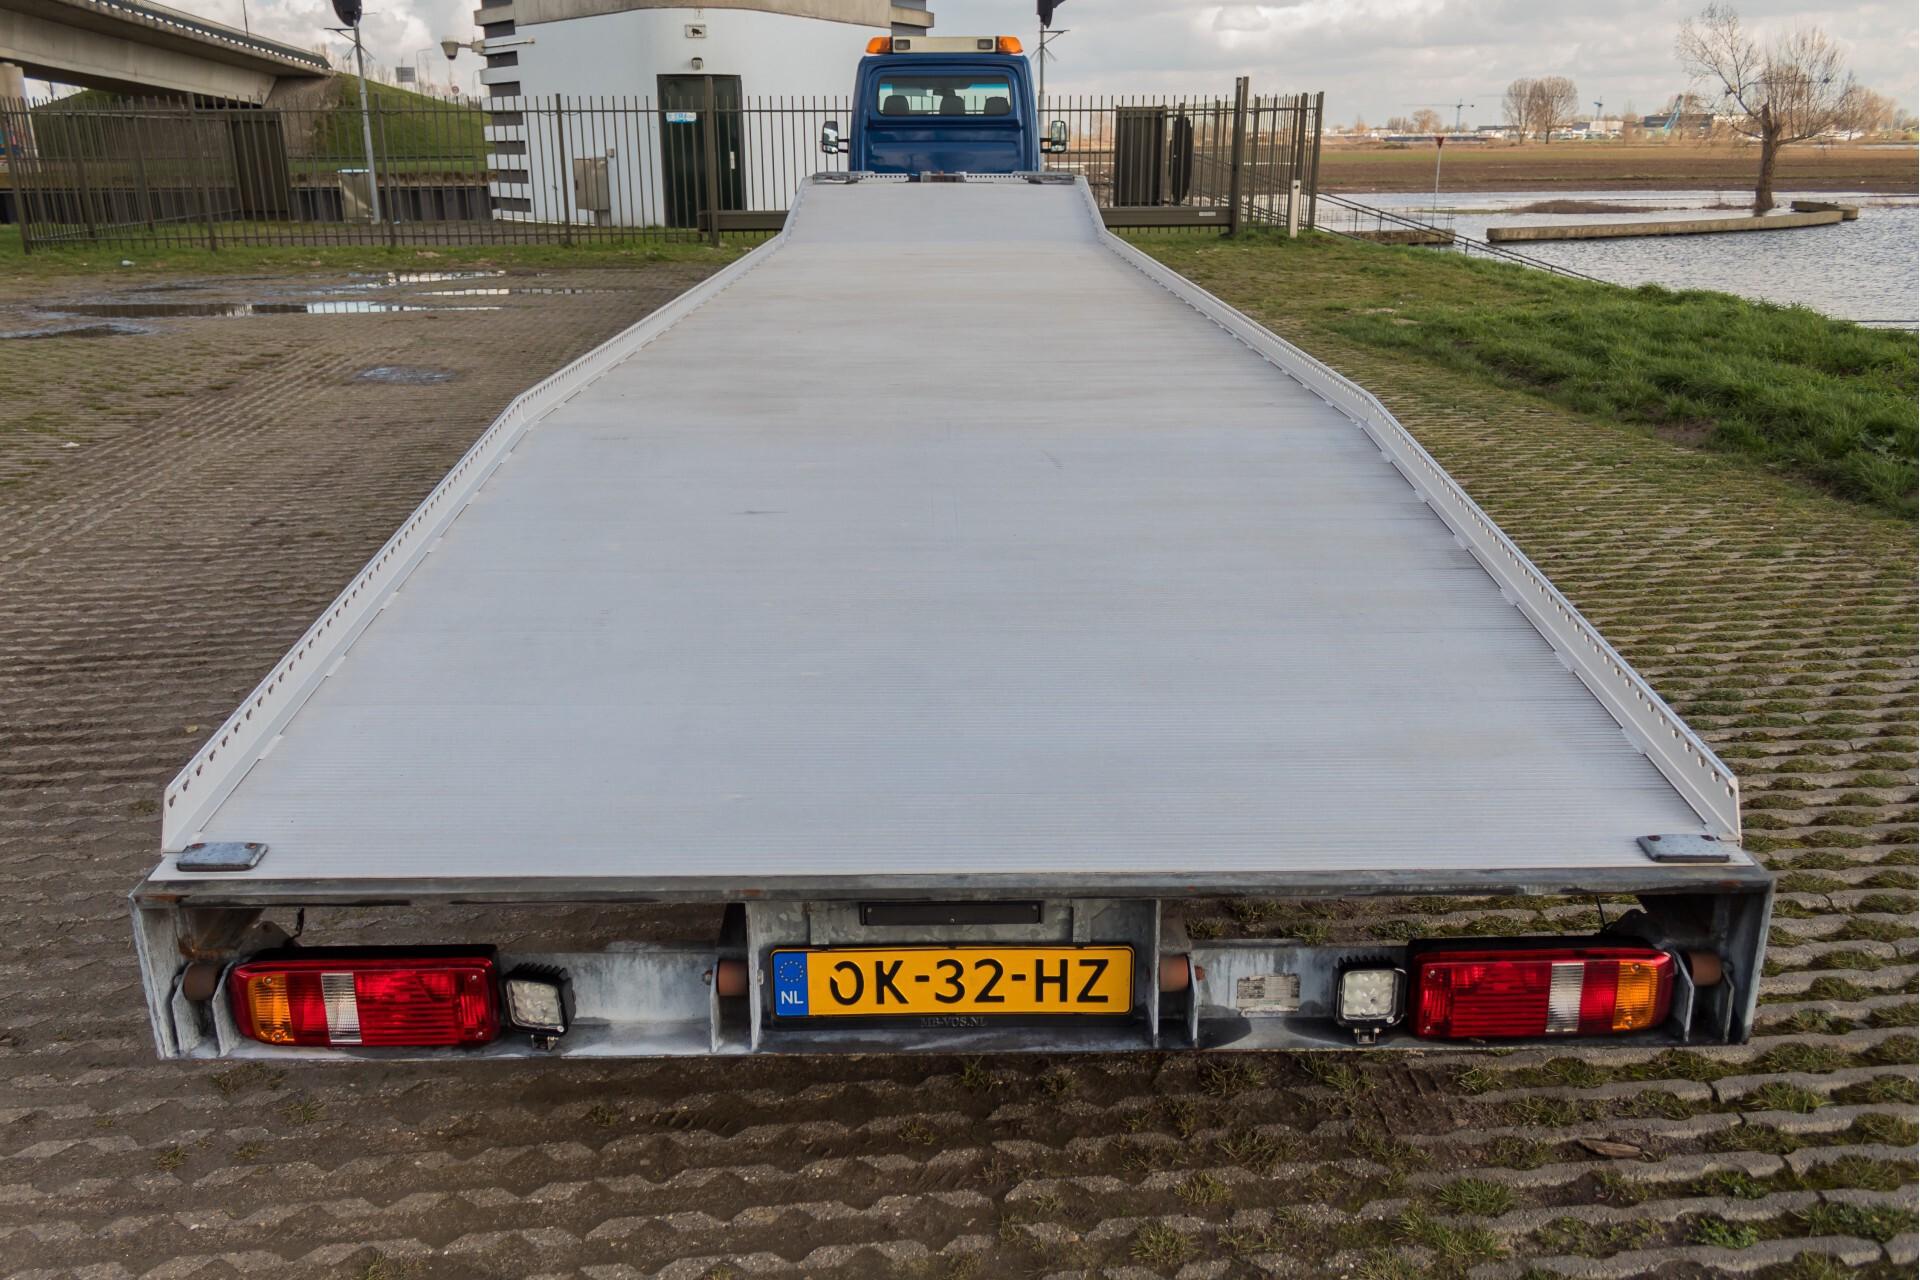 Mercedes-Benz Sprinter 518 3.0 Cdi V6 Oprijwagen / Auto ambulance 7360 kg Foto 29